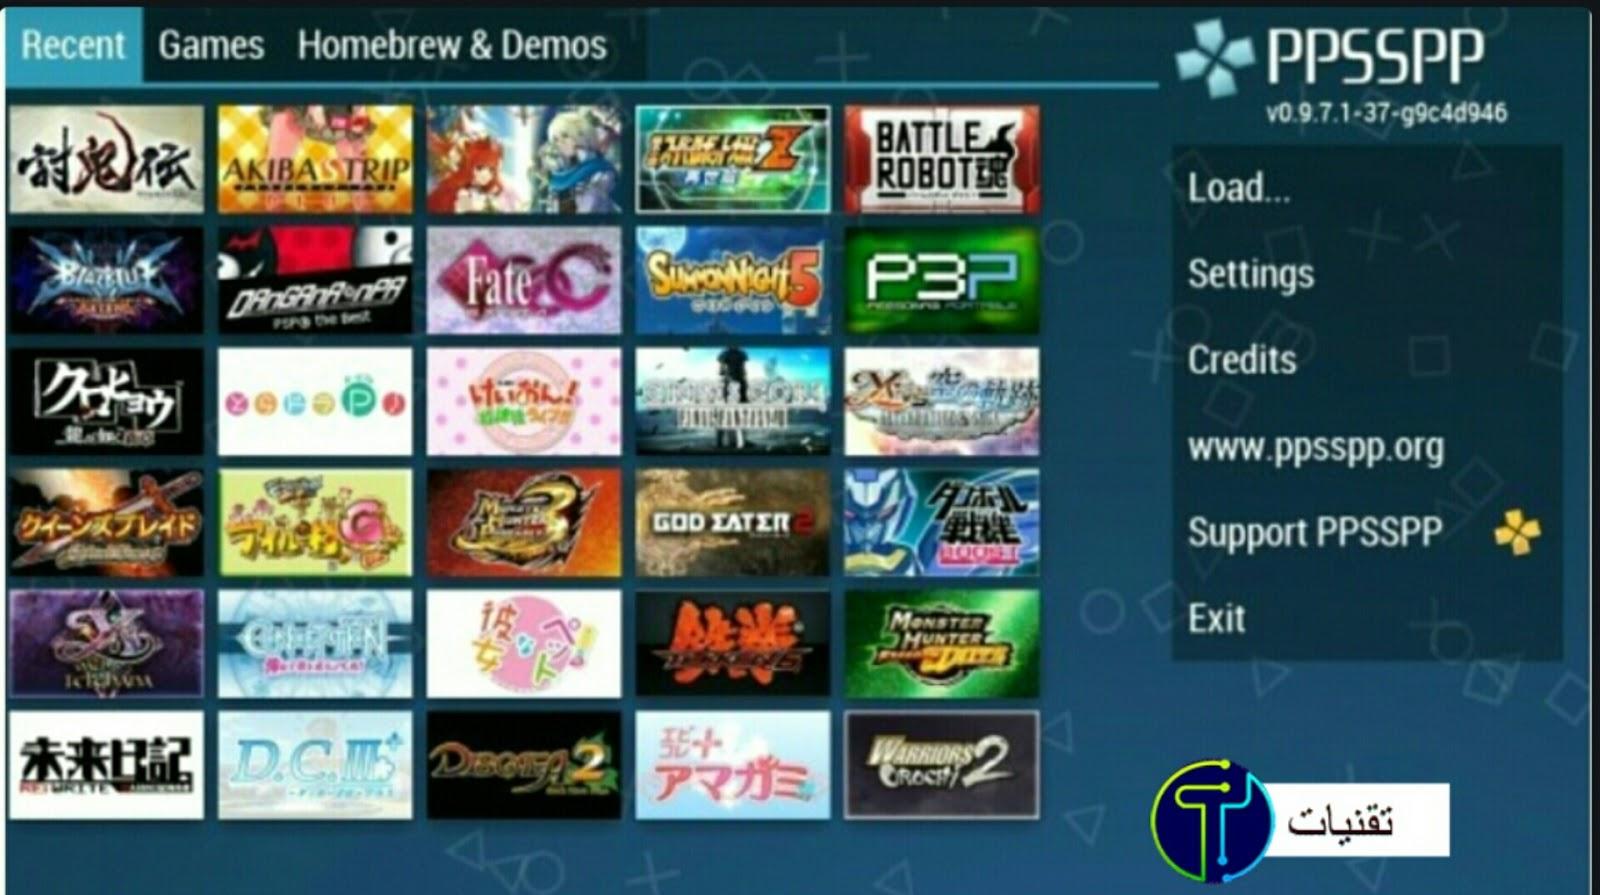 شرح مُفصل لطريقة تشغيل ألعاب PSP على هاتفك أندرويد والايفون